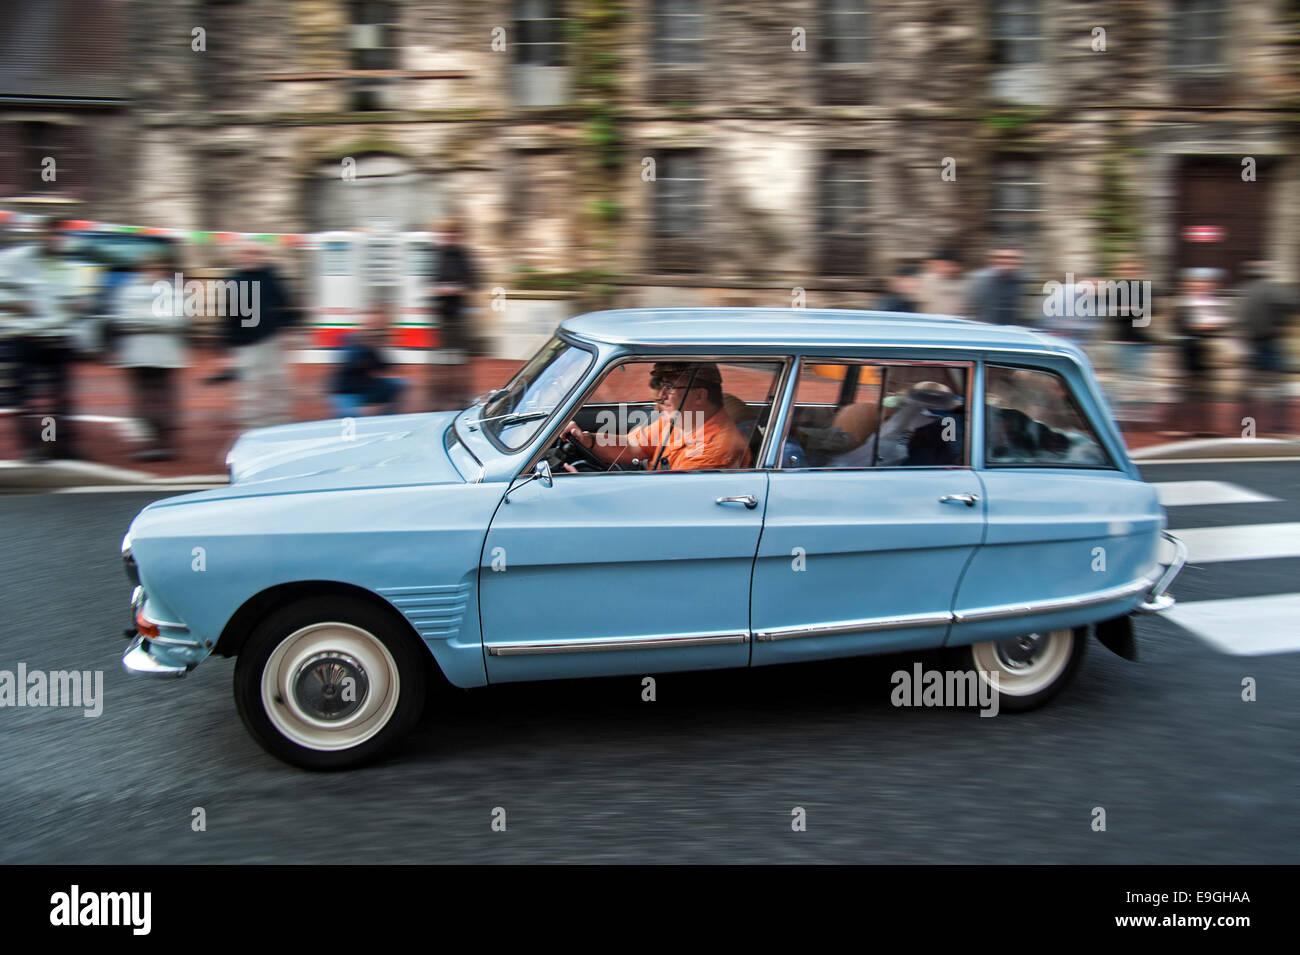 Citroën Ami 6 break bleu au cours de l'embouteillage de la Route Nationale 7, passe pour voitures classiques Photo Stock